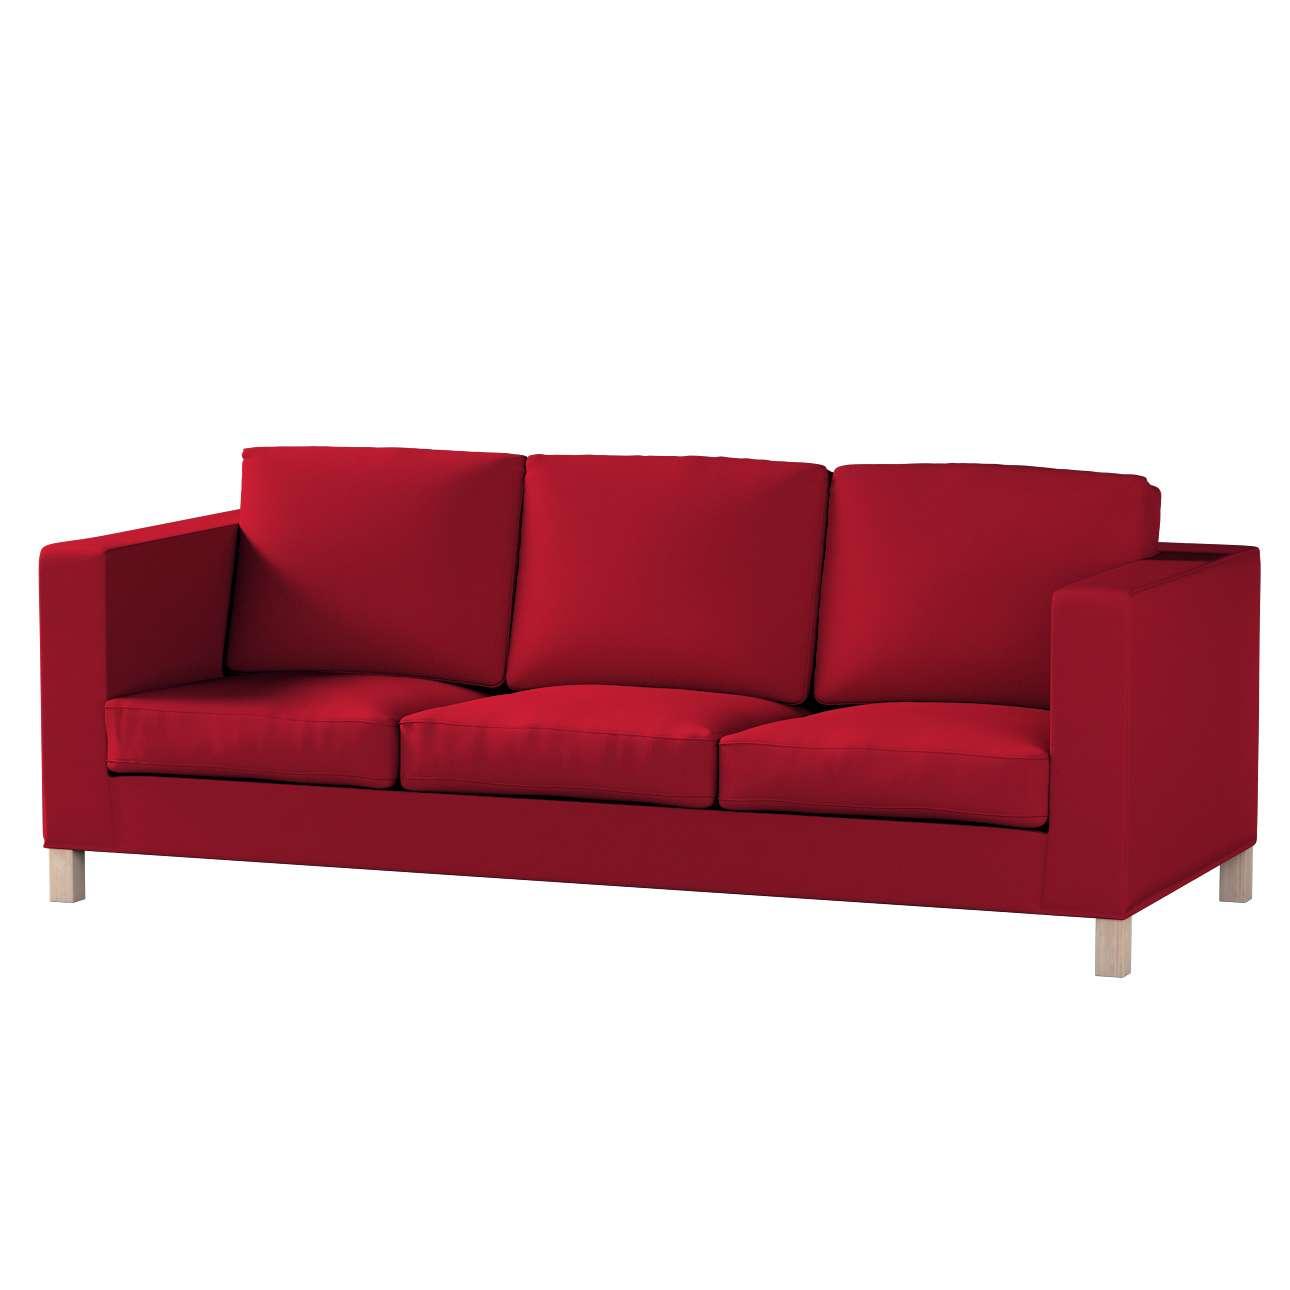 Karlanda 3-Sitzer  Sofabezug nicht ausklappbar kurz Karlanda 3-Sitzer, kurz von der Kollektion Etna, Stoff: 705-60